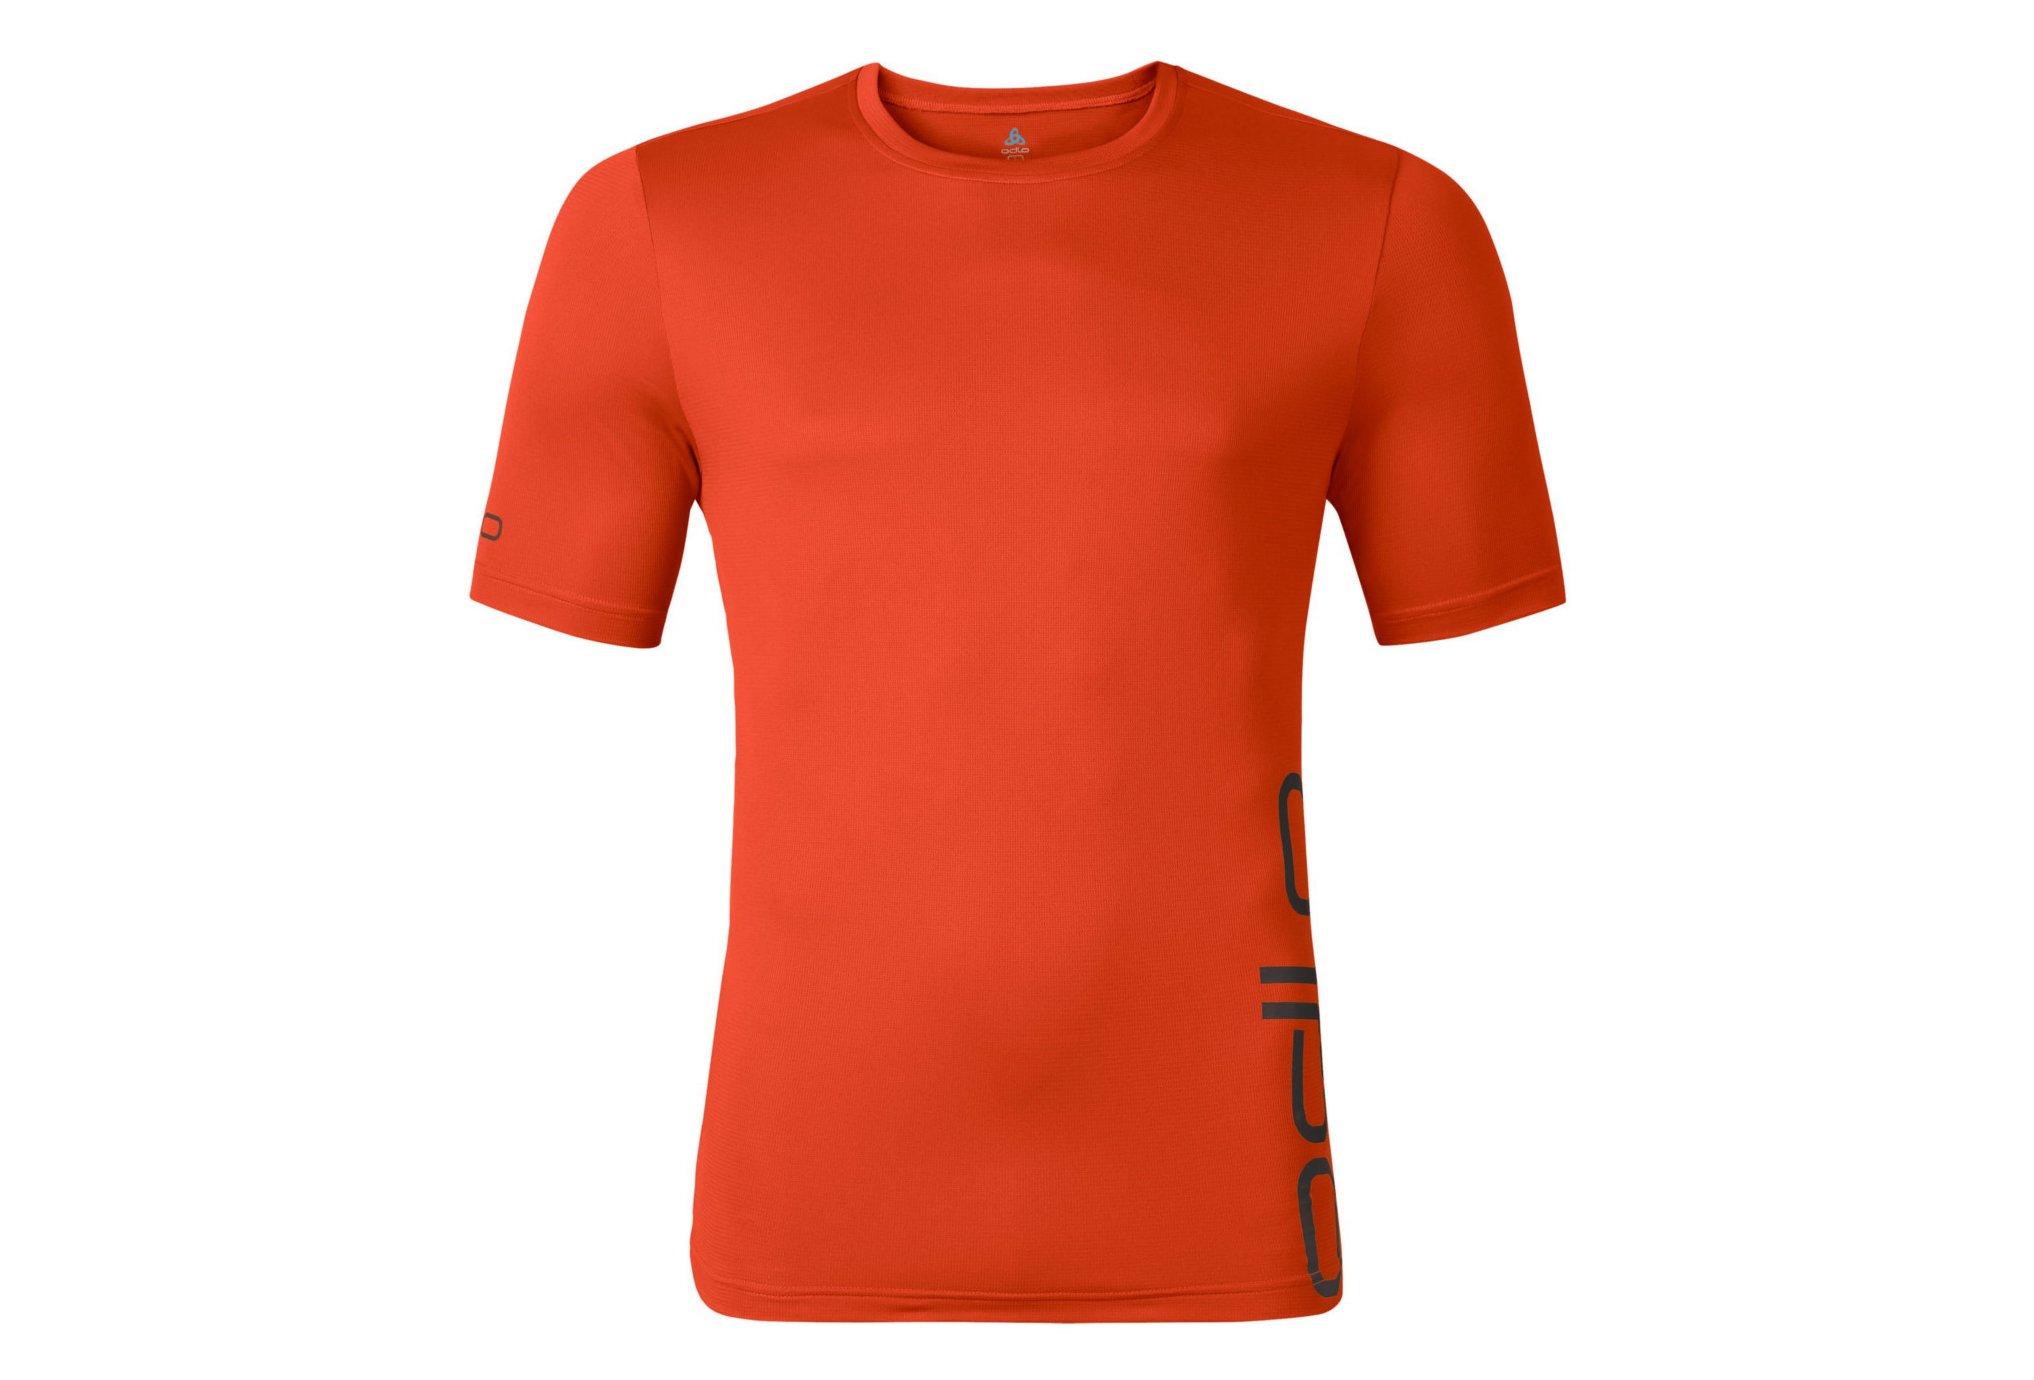 Odlo Tee-shirt Event M Diététique Vêtements homme